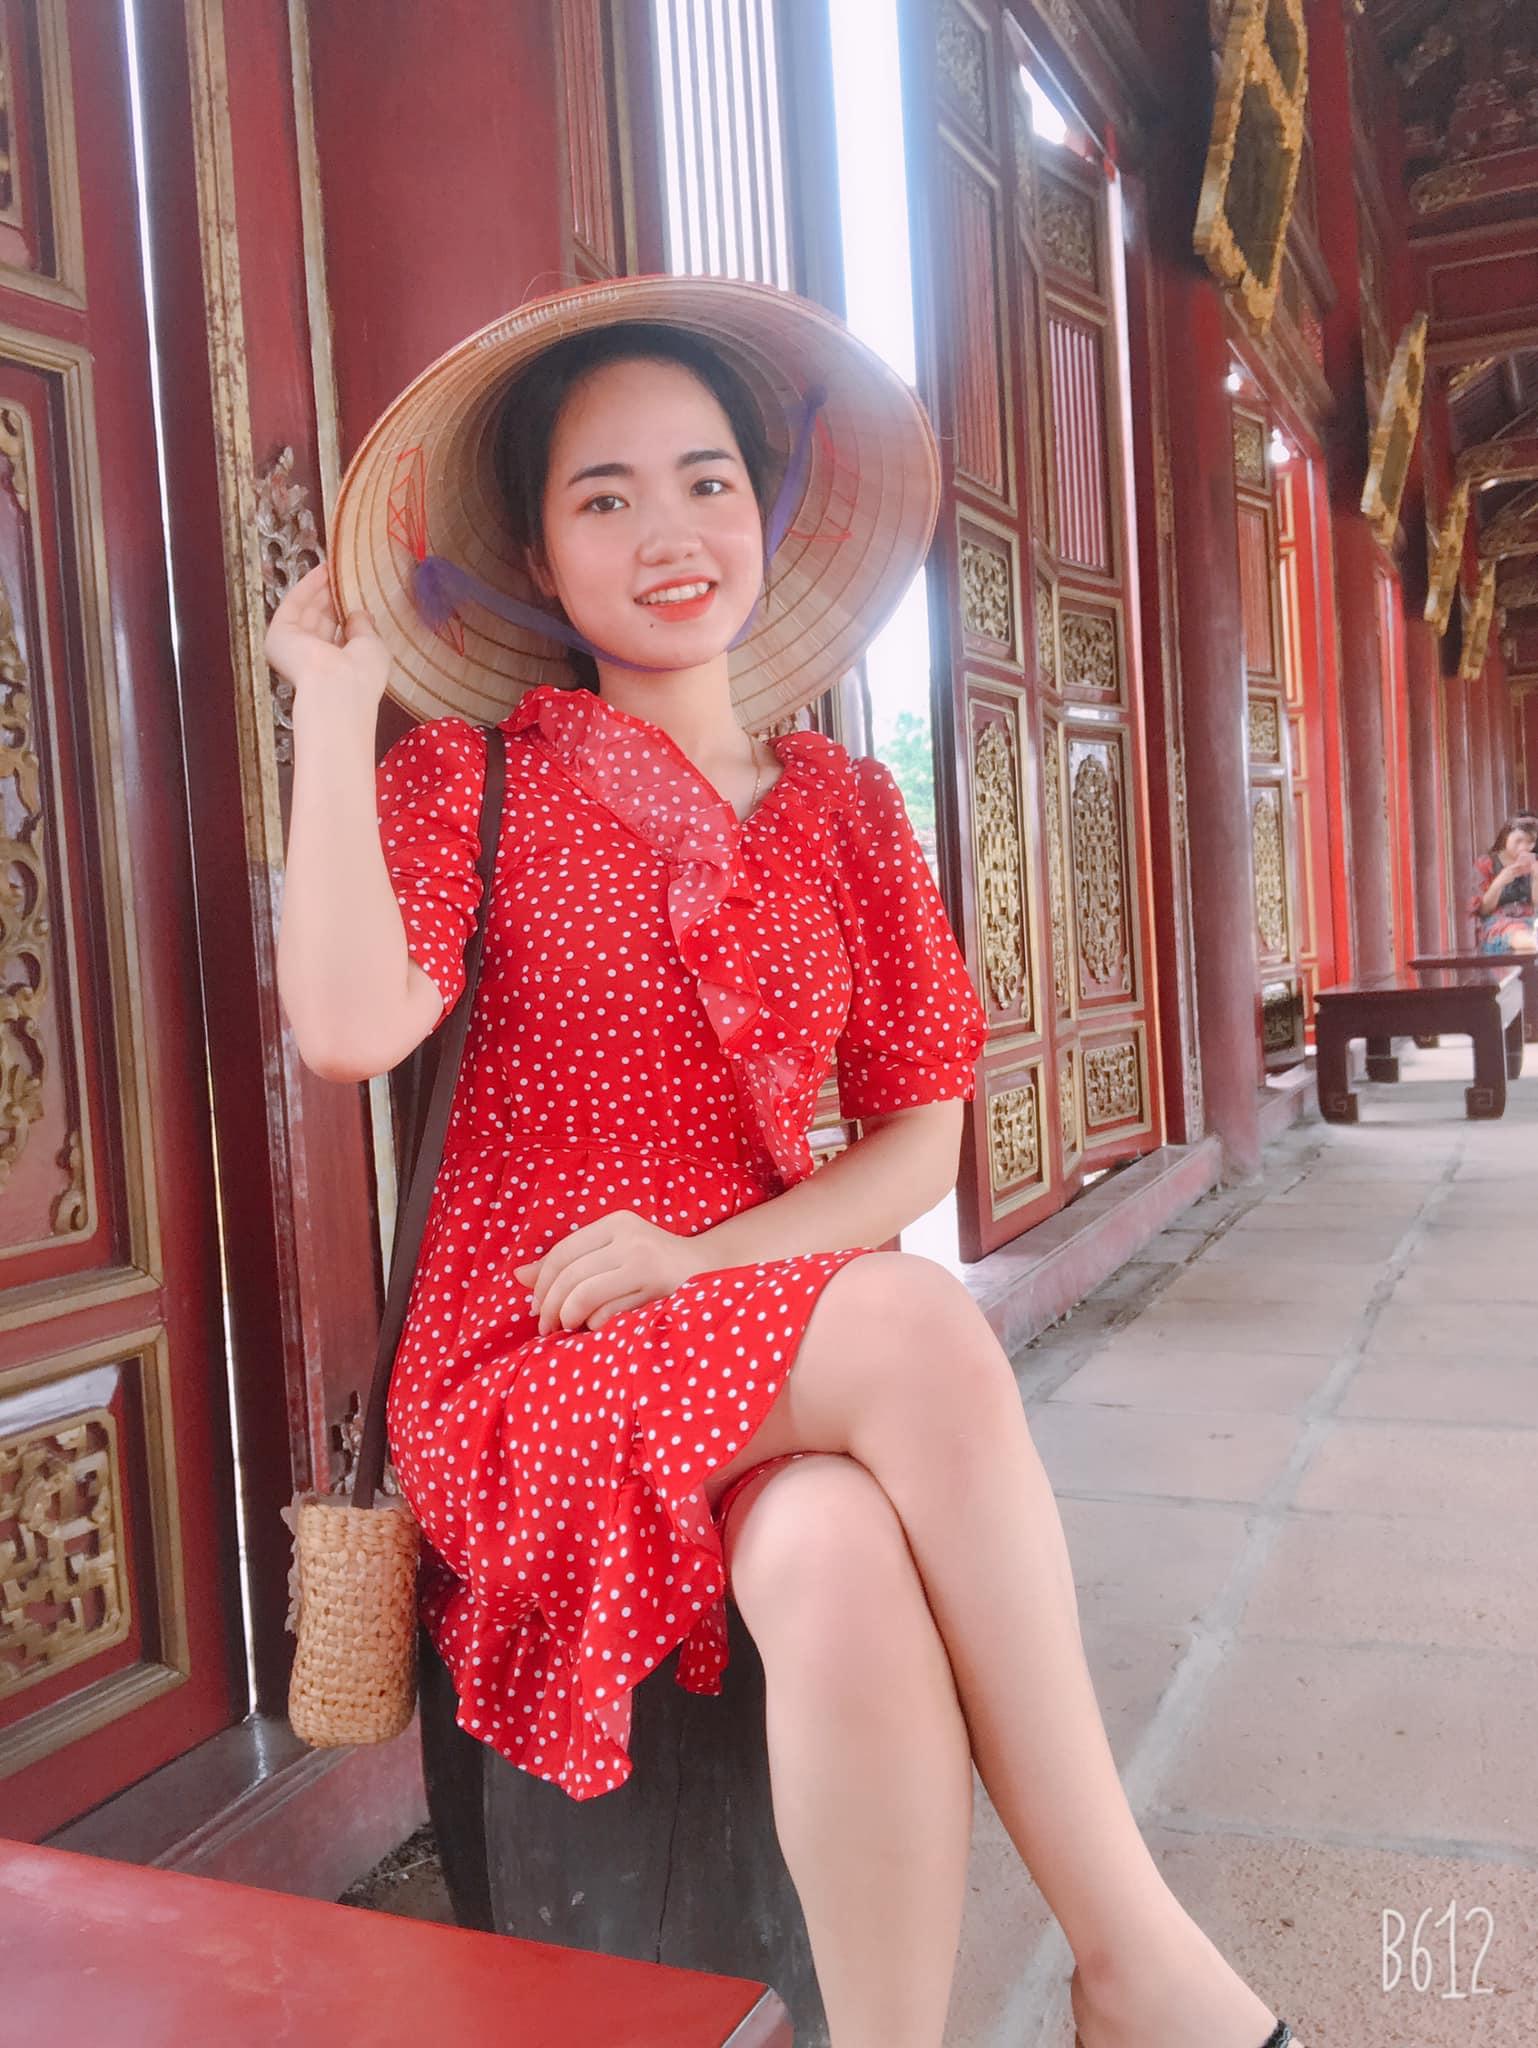 Năm 2019, Nguyễn Thảo đặt mục tiêu 'Leng Keng' của mình giảm khách hàng rời mạng, học hỏi thêm nhiều kỹ năng mềm tiếp khách hàng, giải đáp thắc mắc khi khách hàng khiếu nại.